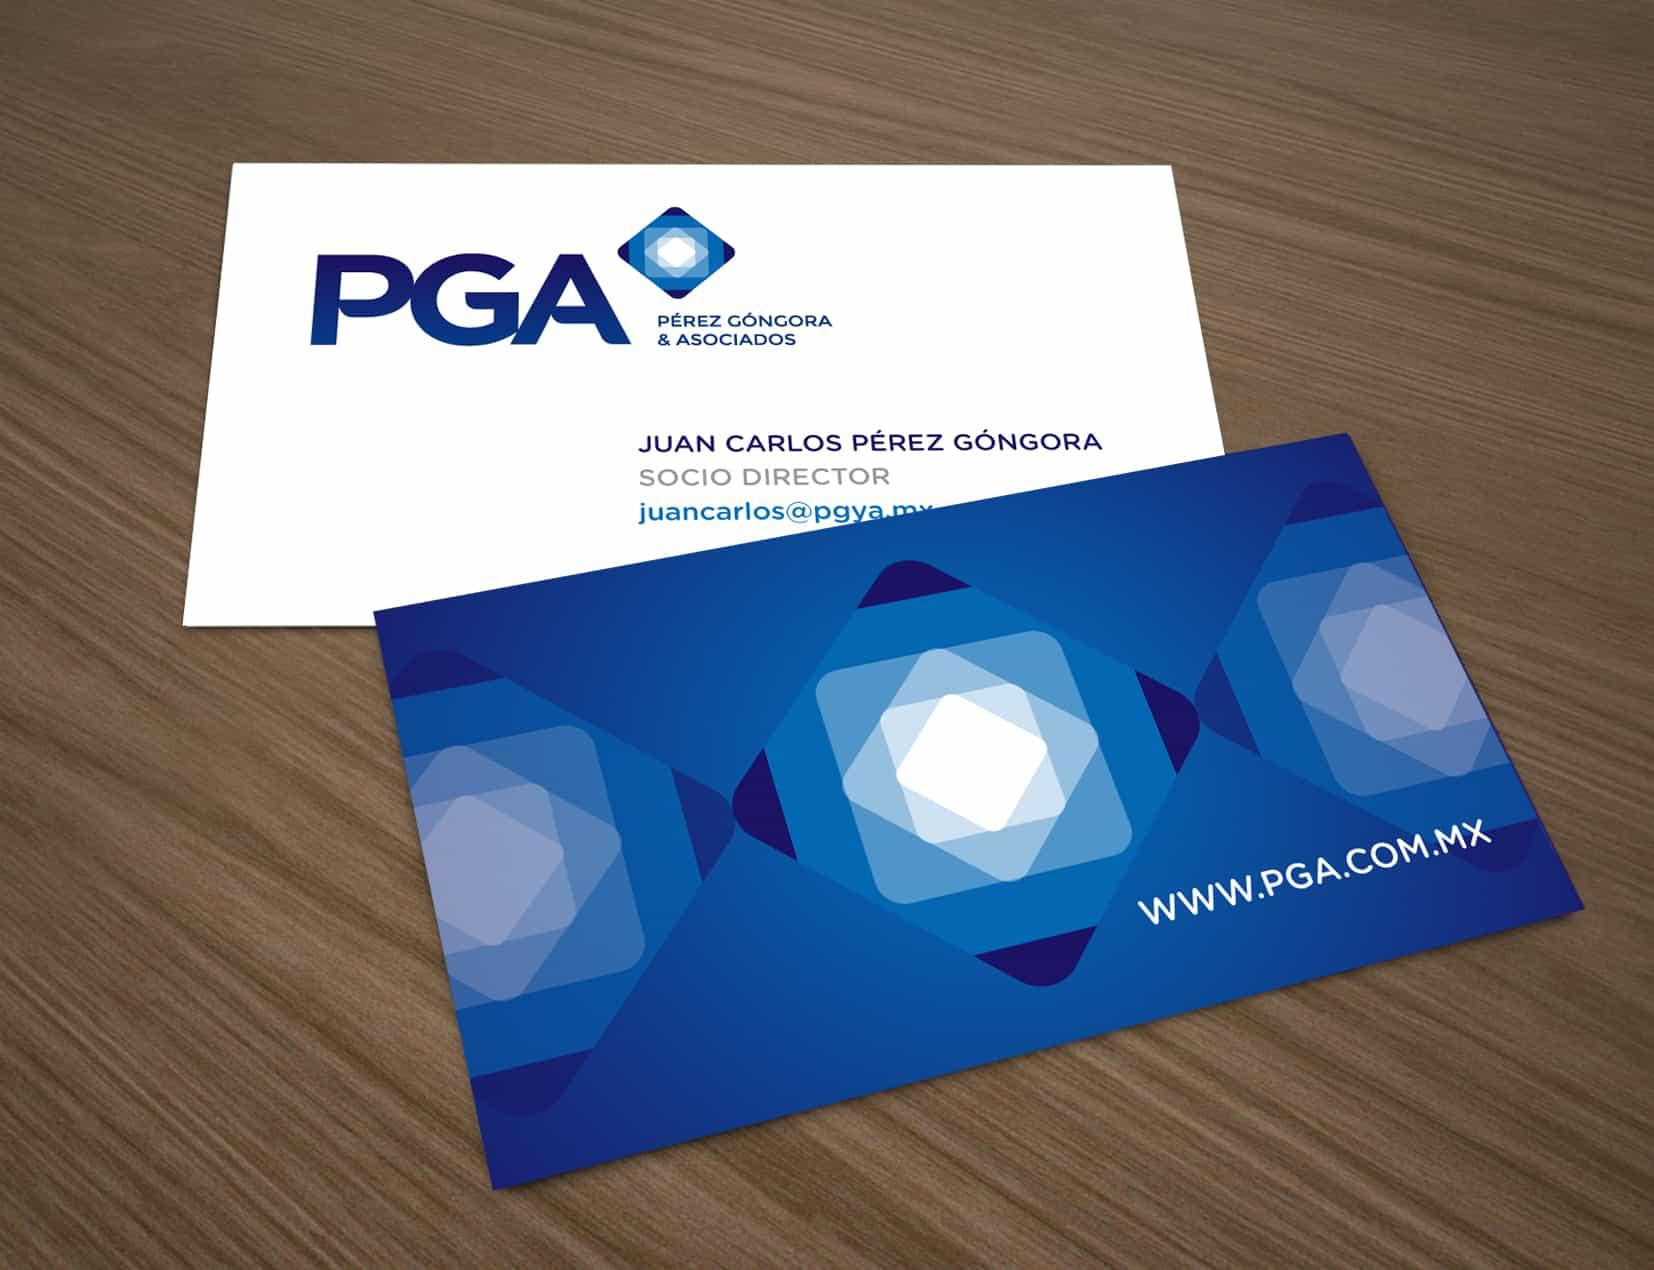 Identidad Corporativa PGA